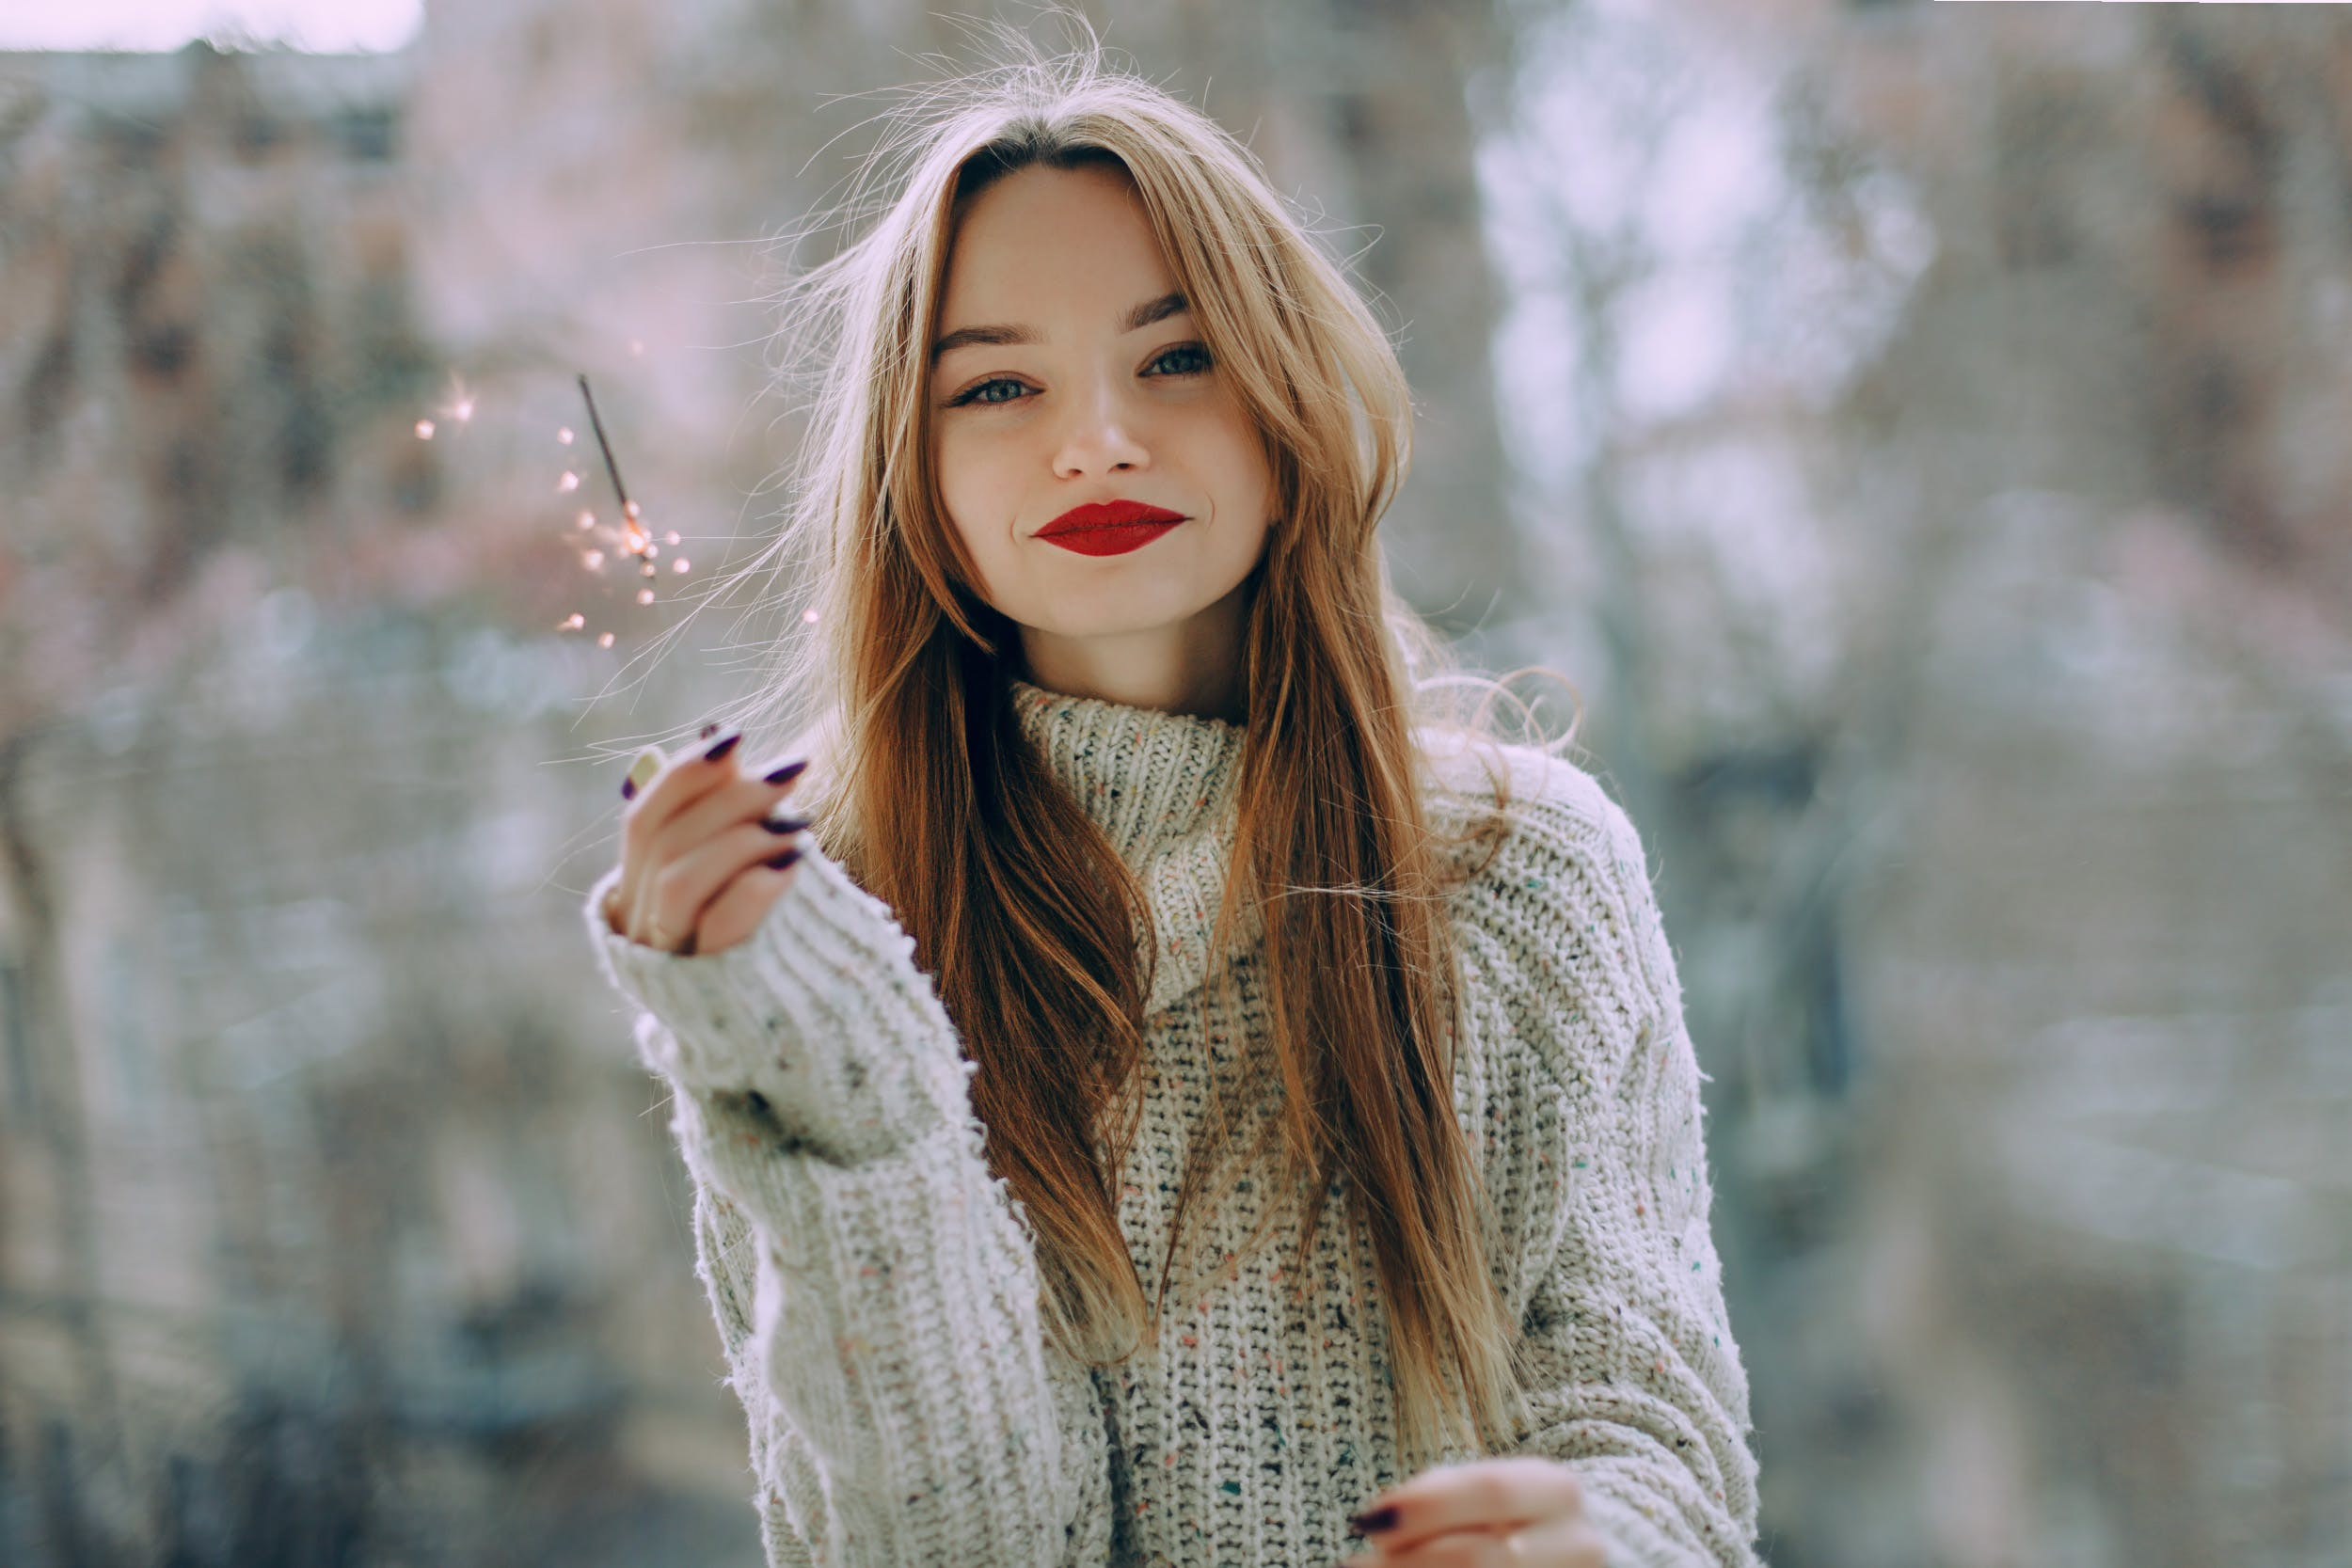 genç, gülümsemek, gün ışığı, güzel içeren Ücretsiz stok fotoğraf